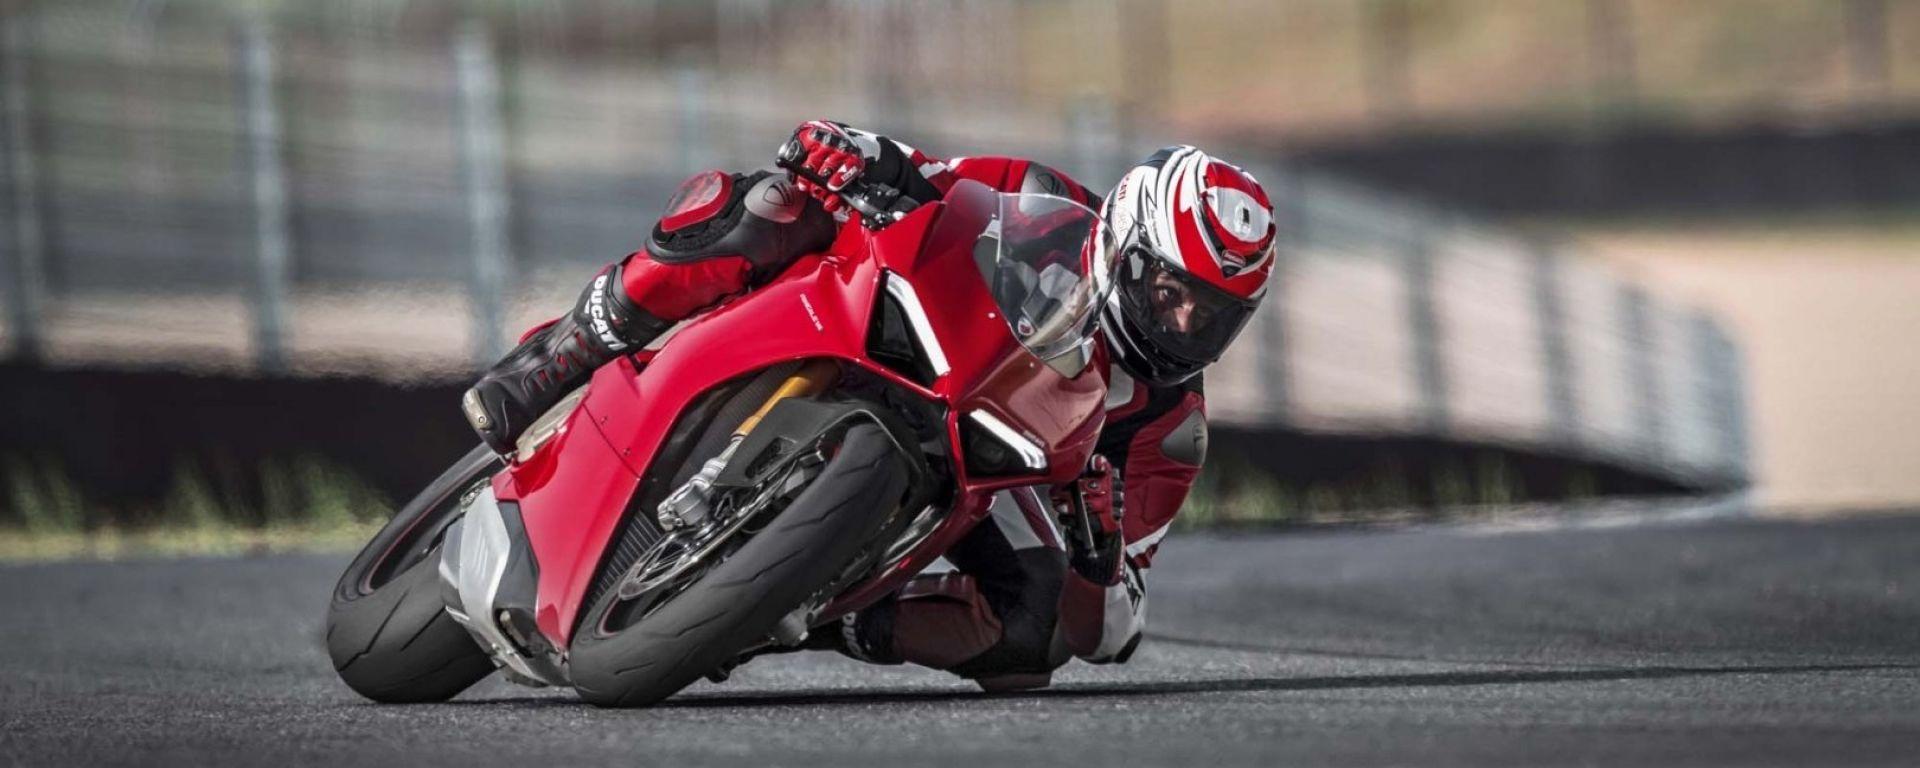 Ducati Panigale V4: prime consegne, ritardi e incidenti